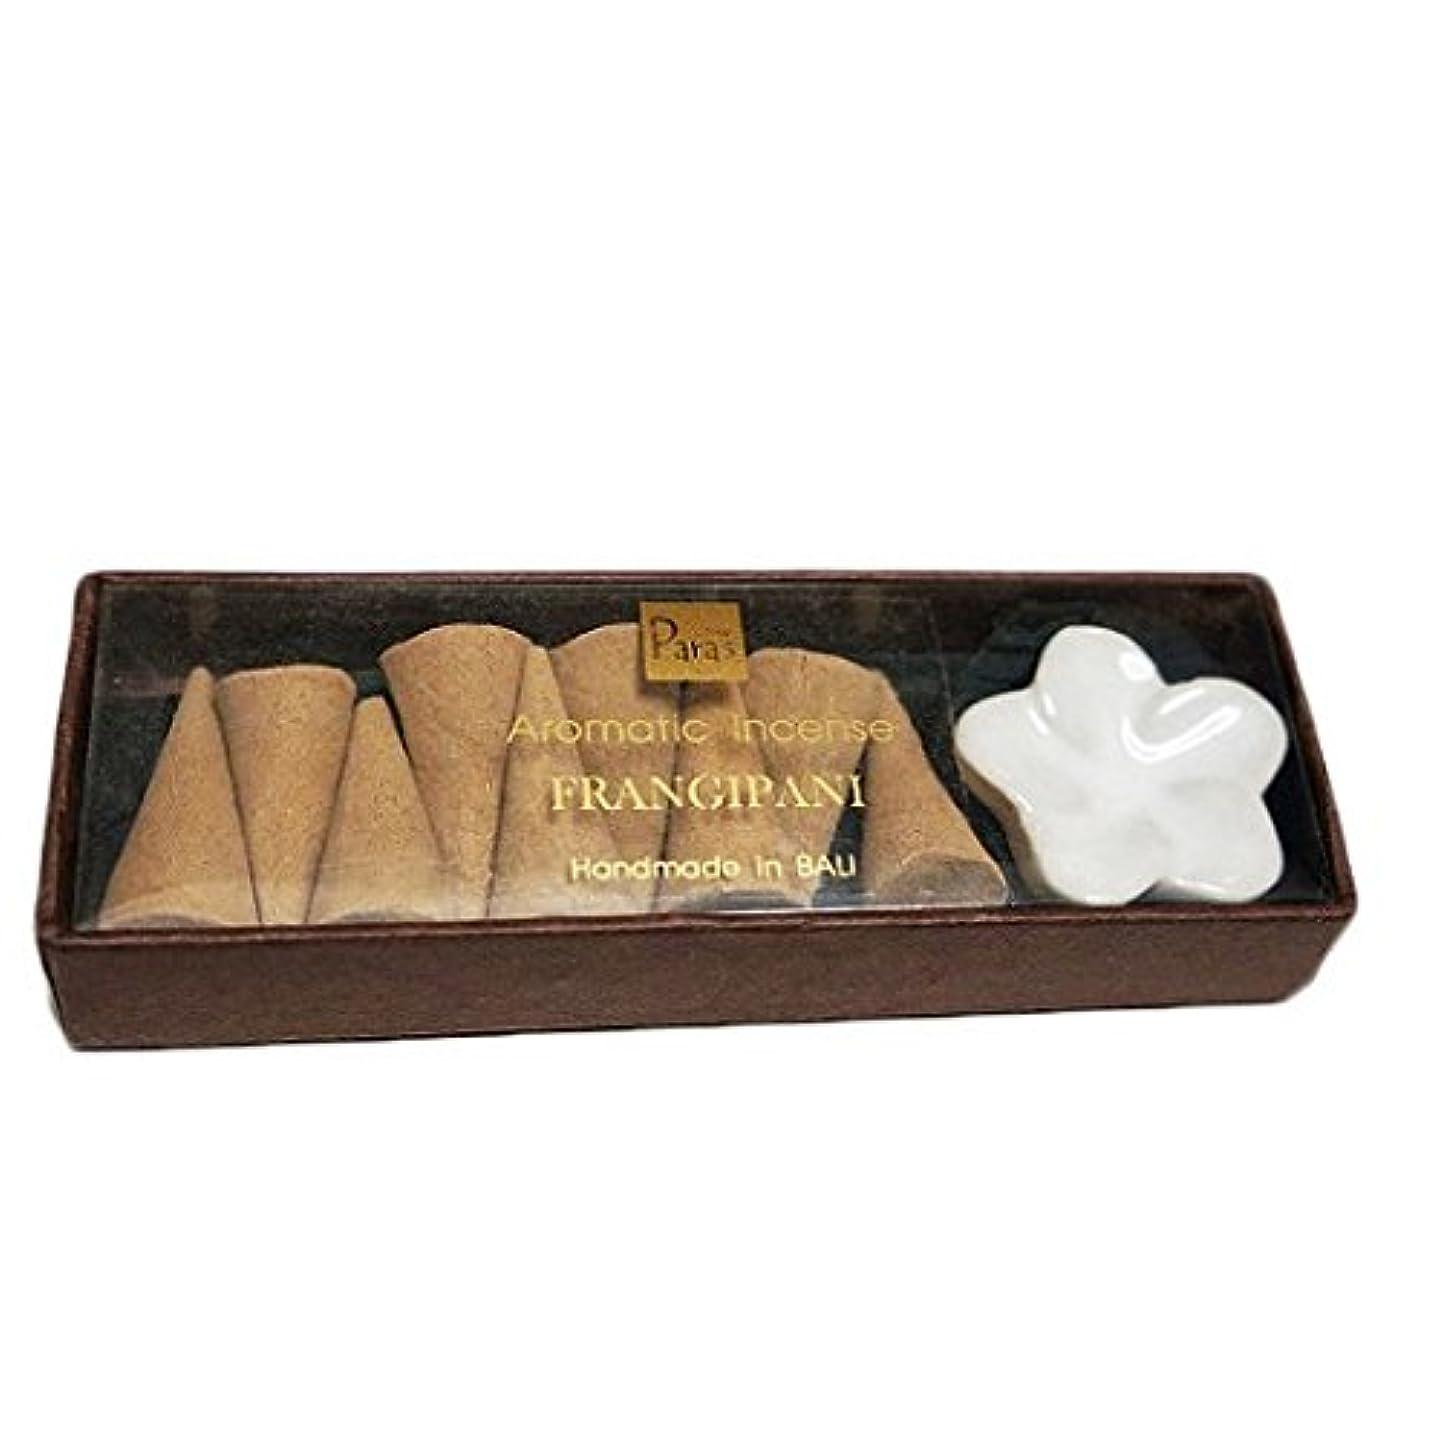 ロンドン可愛い要塞フランジパニ お香セット【トコパラス TOKO PARAS】バリ島 フランジパニの陶器のお香立て付き ナチュラルハンドメイドのお香